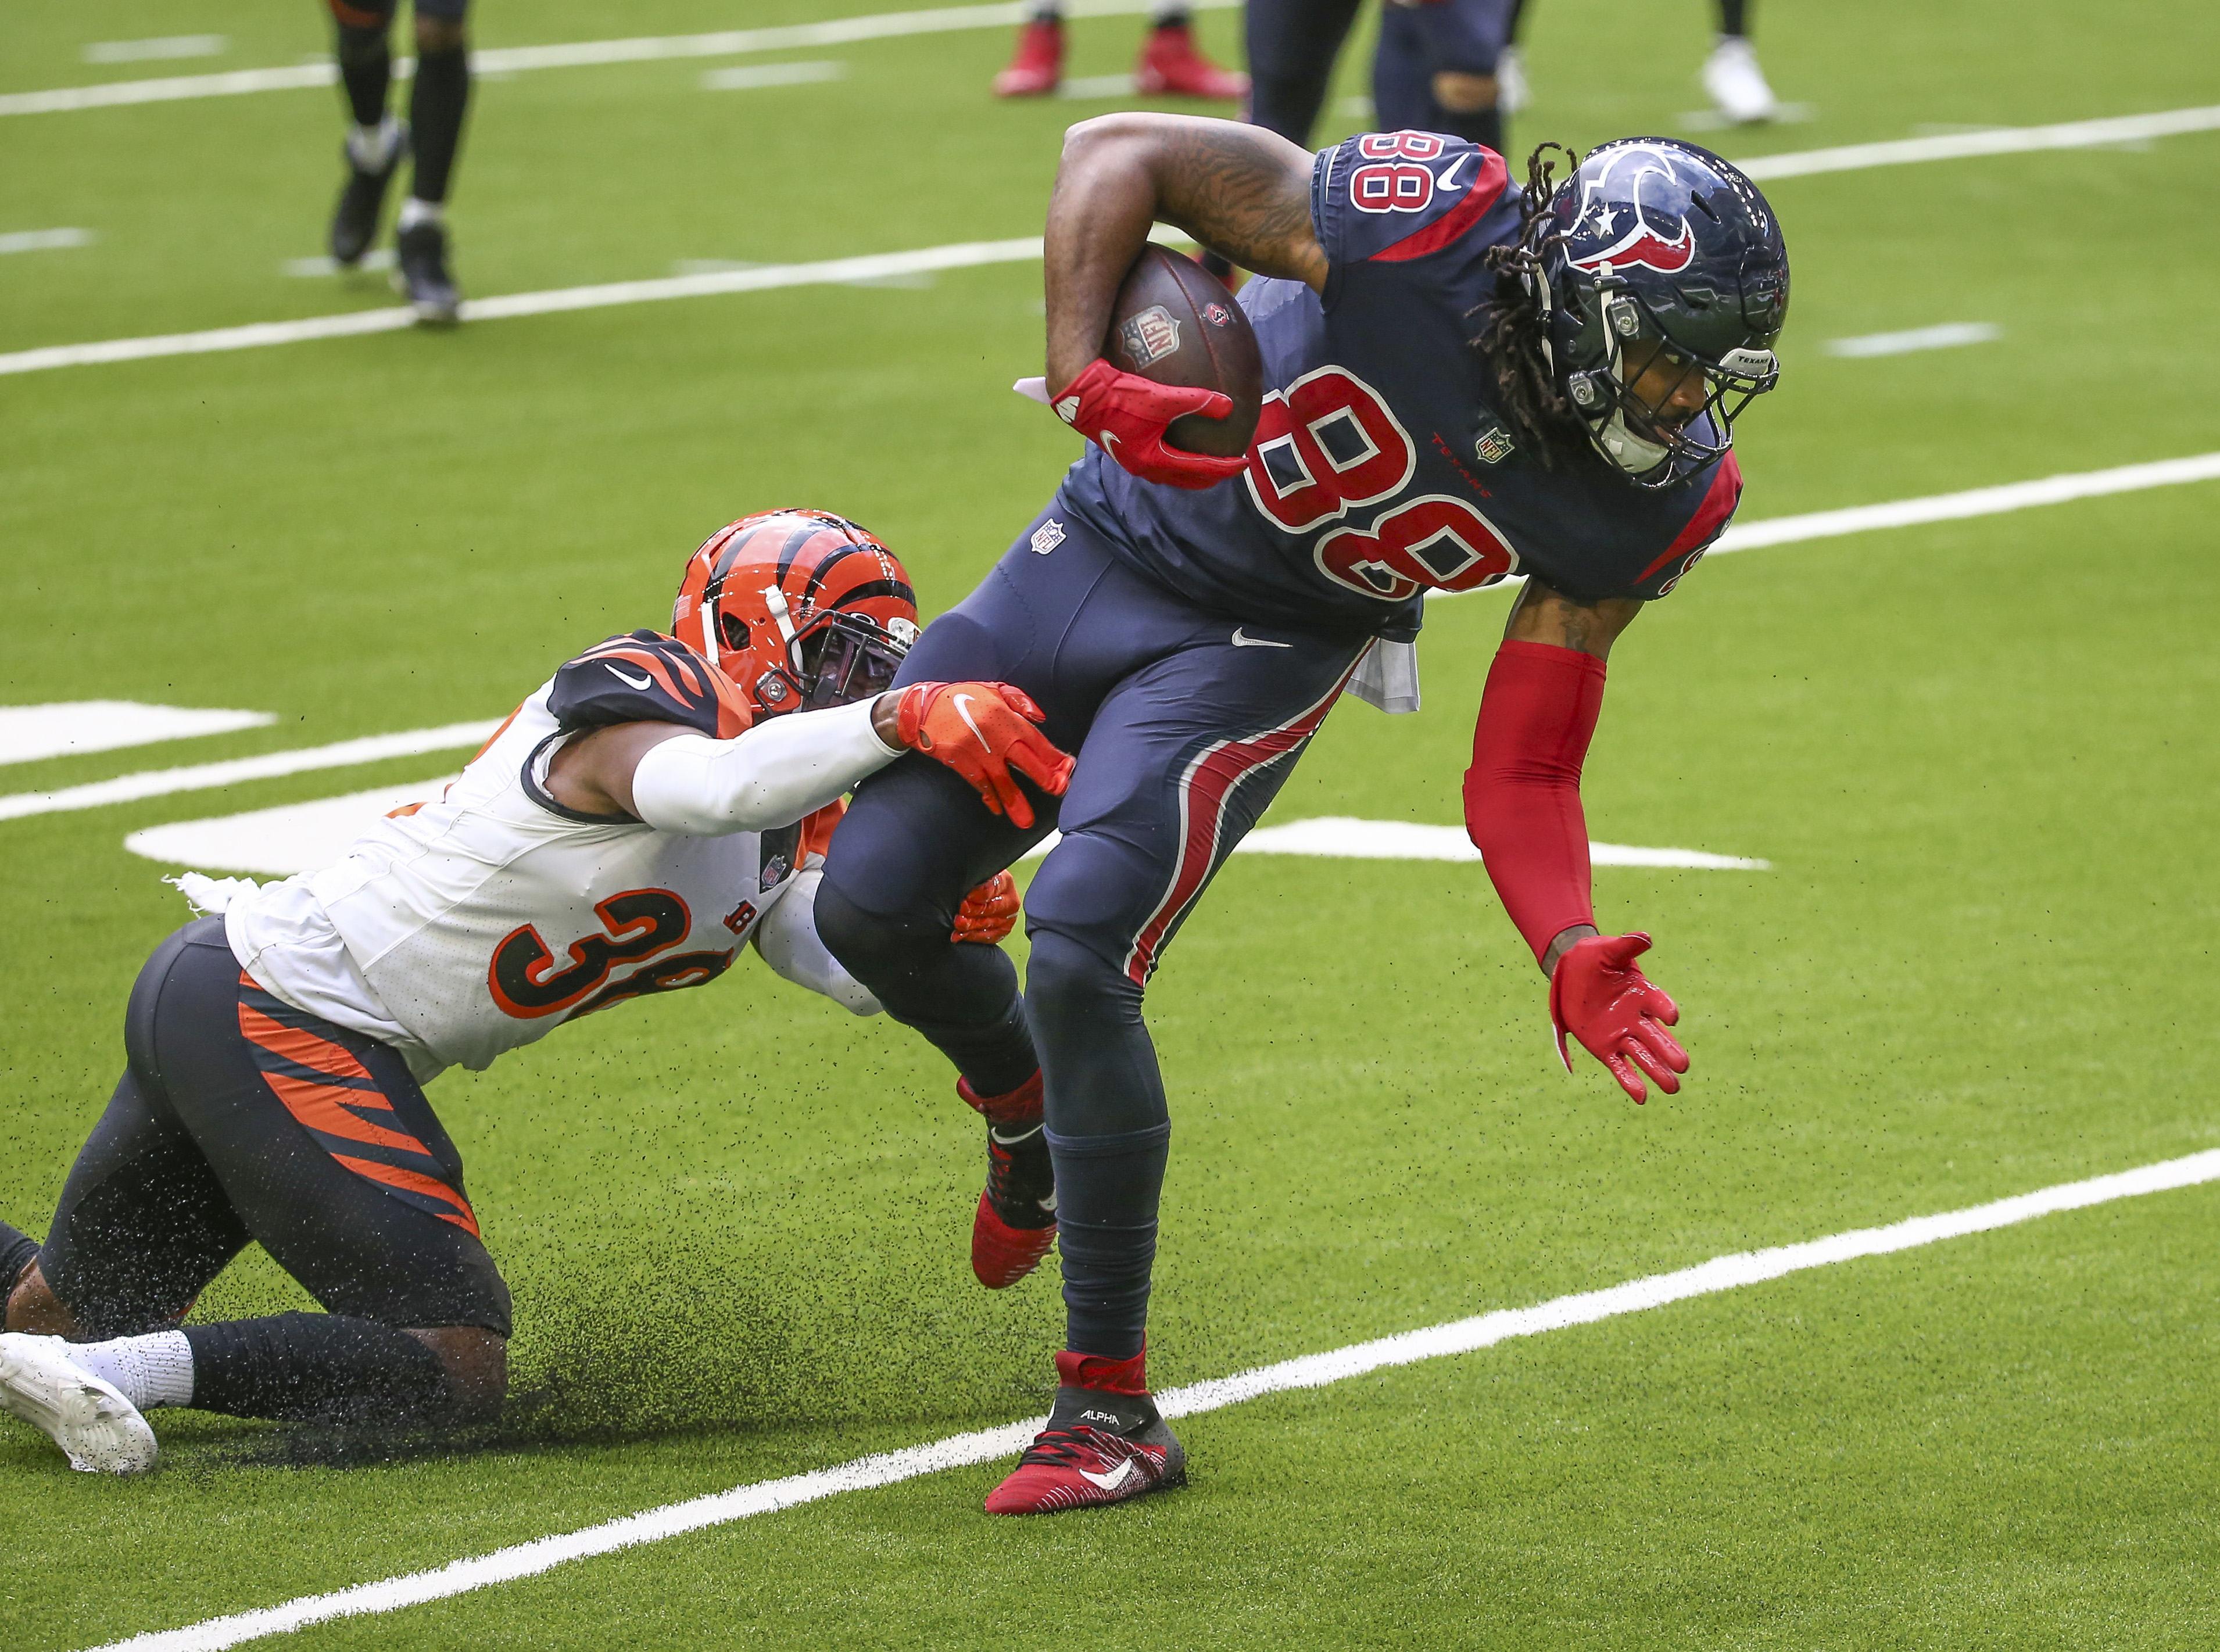 NFL: Cincinnati Bengals at Houston Texans